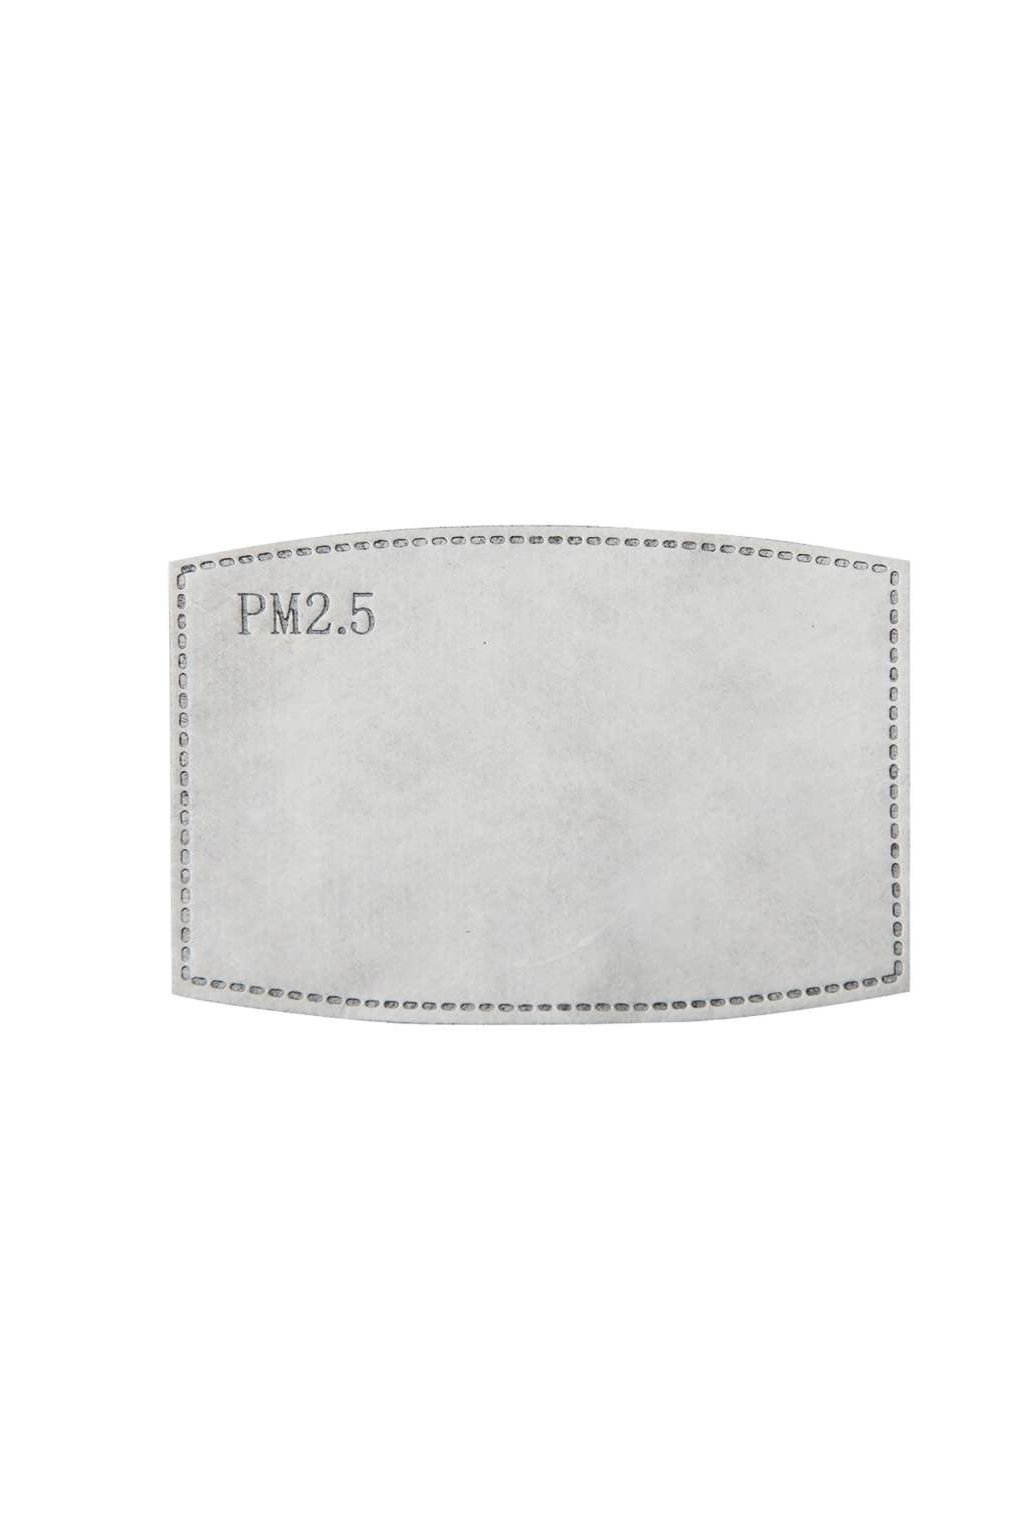 10 ks aktivní karbonový filtr PM2.5 pro roušku Premier